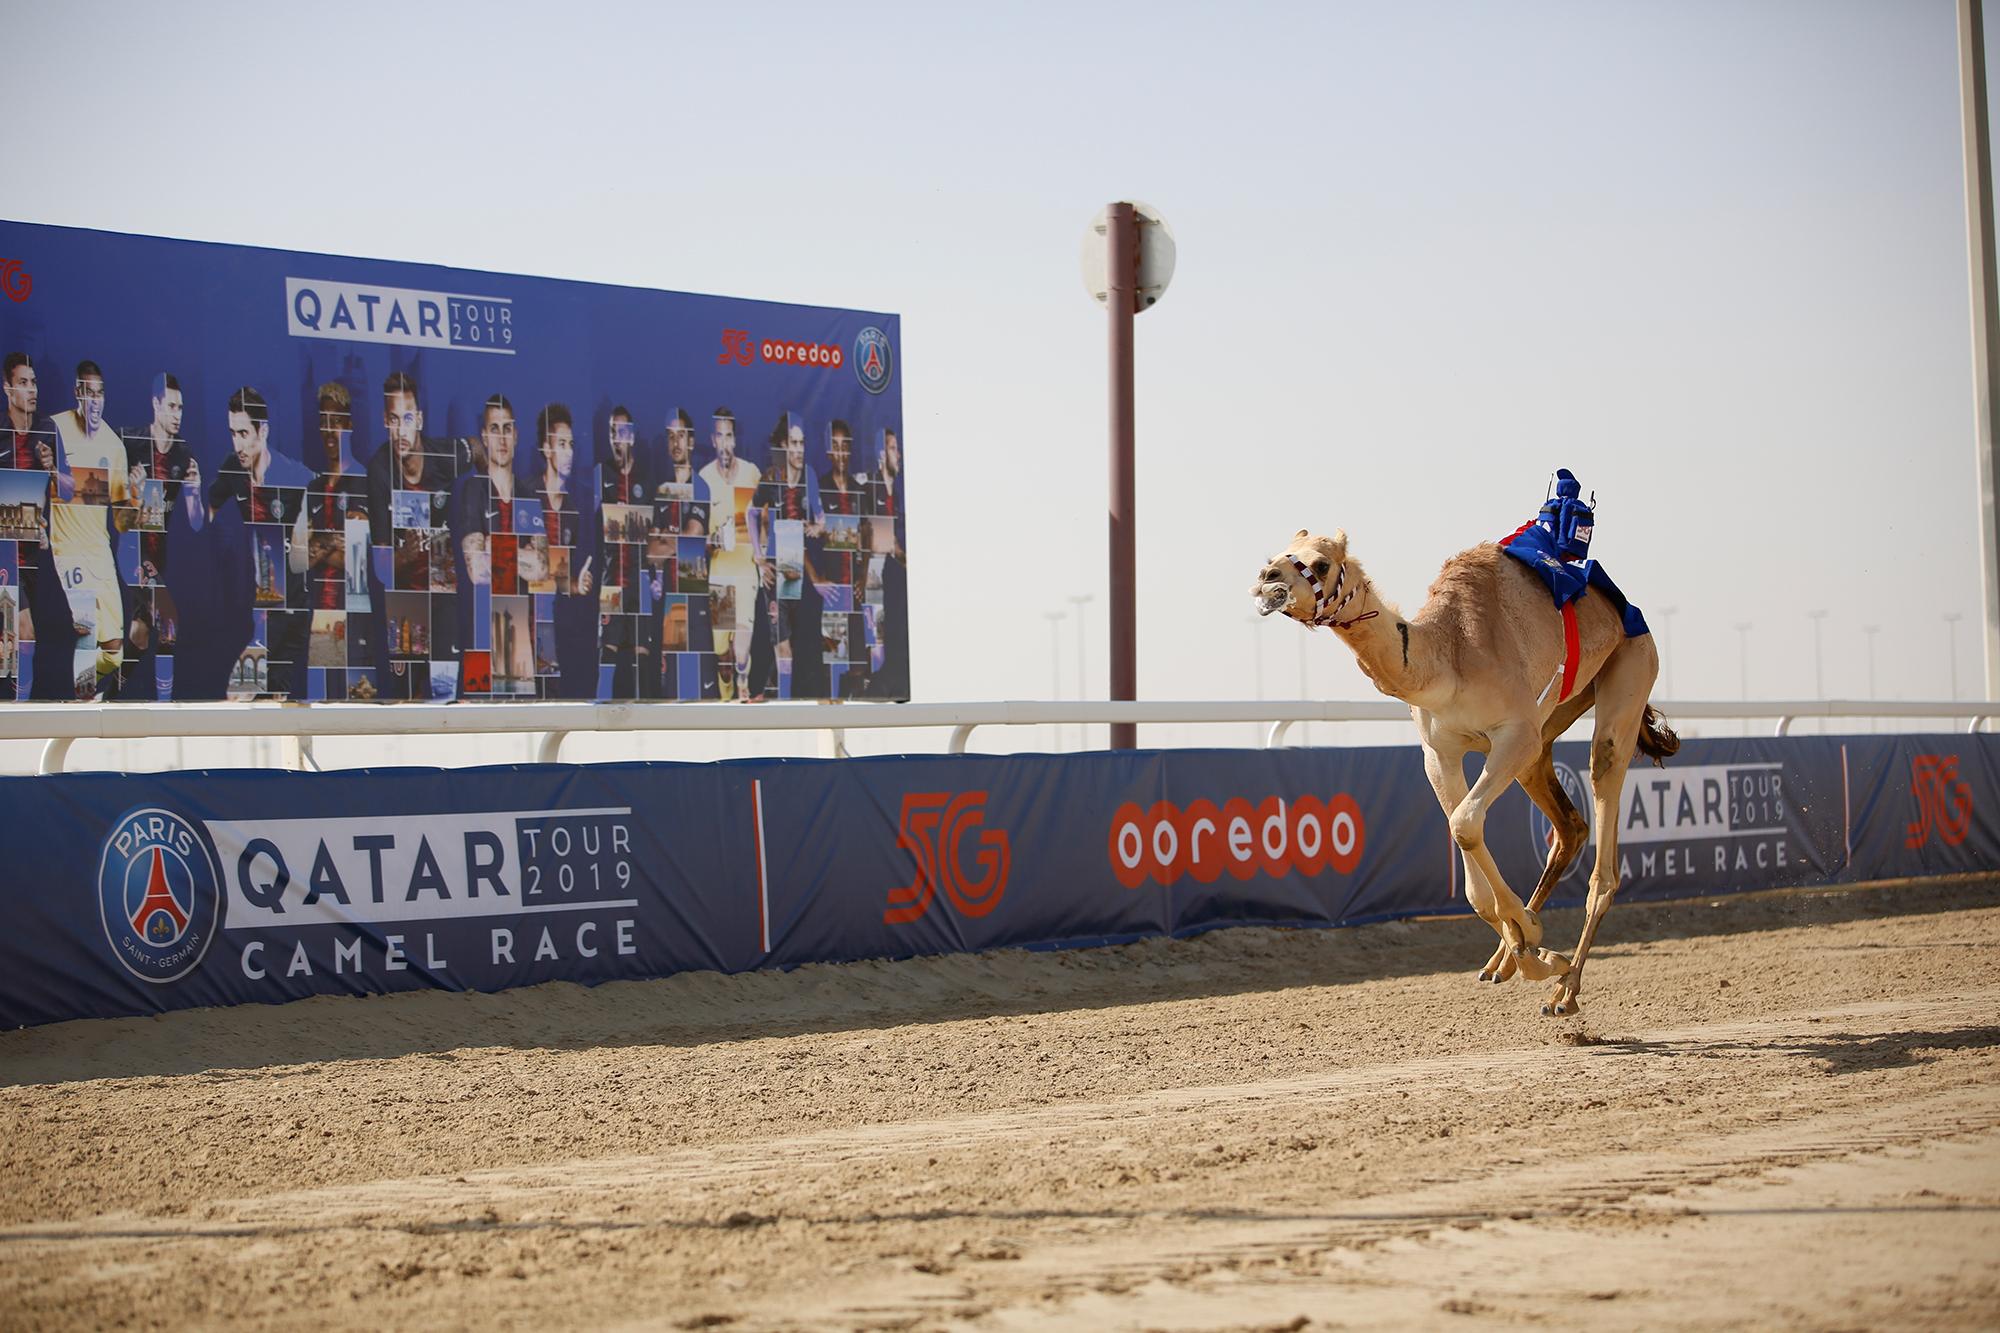 Neymar y Tuchel ganan carrera de camellos de París…